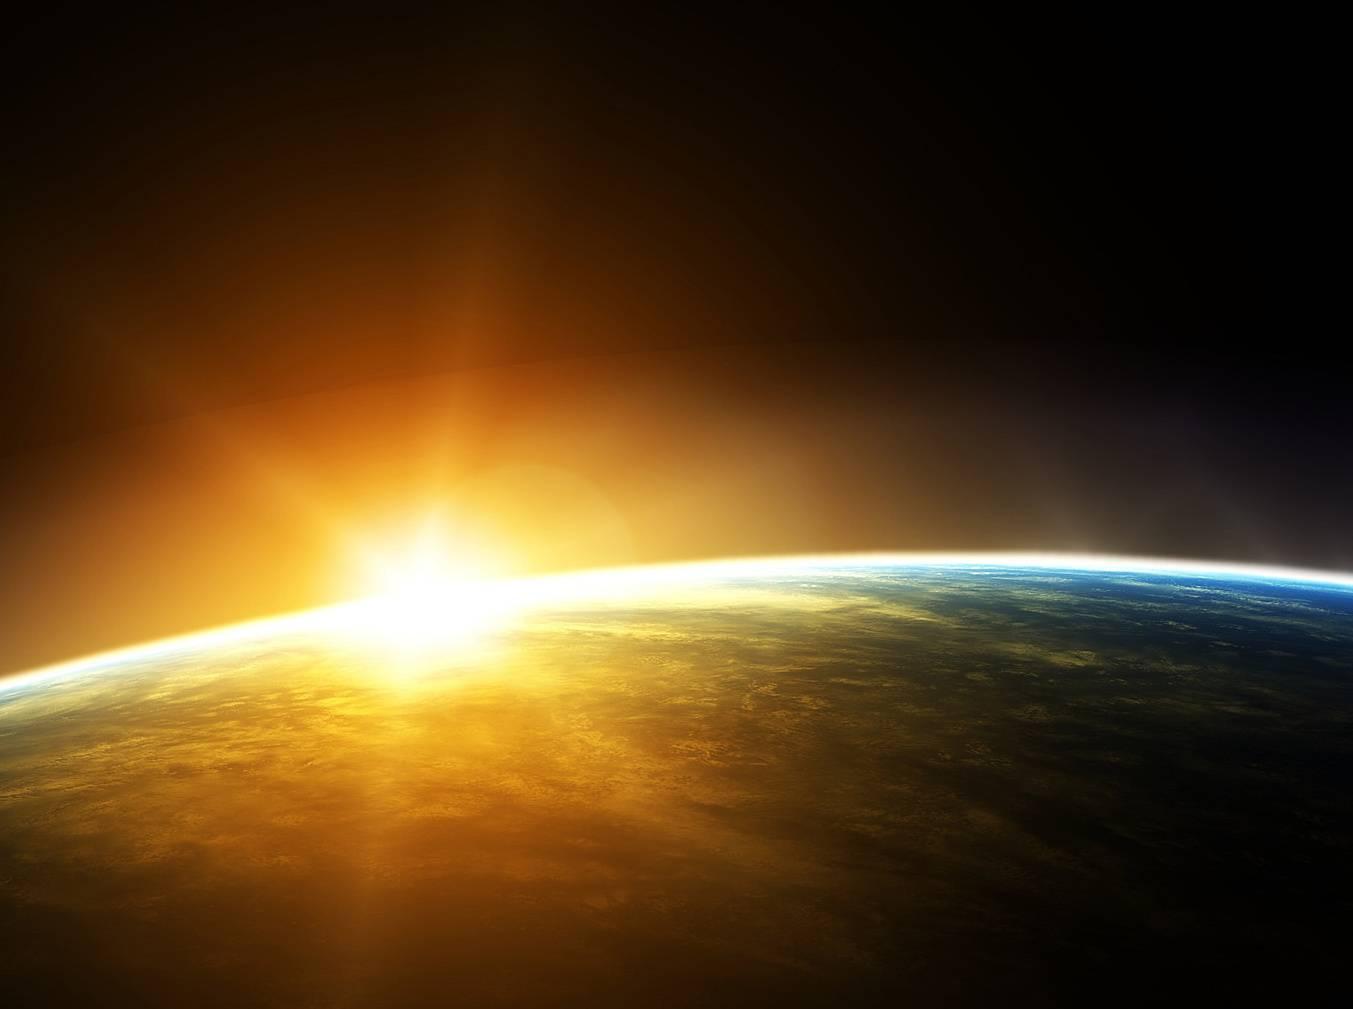 Earthly Horizons